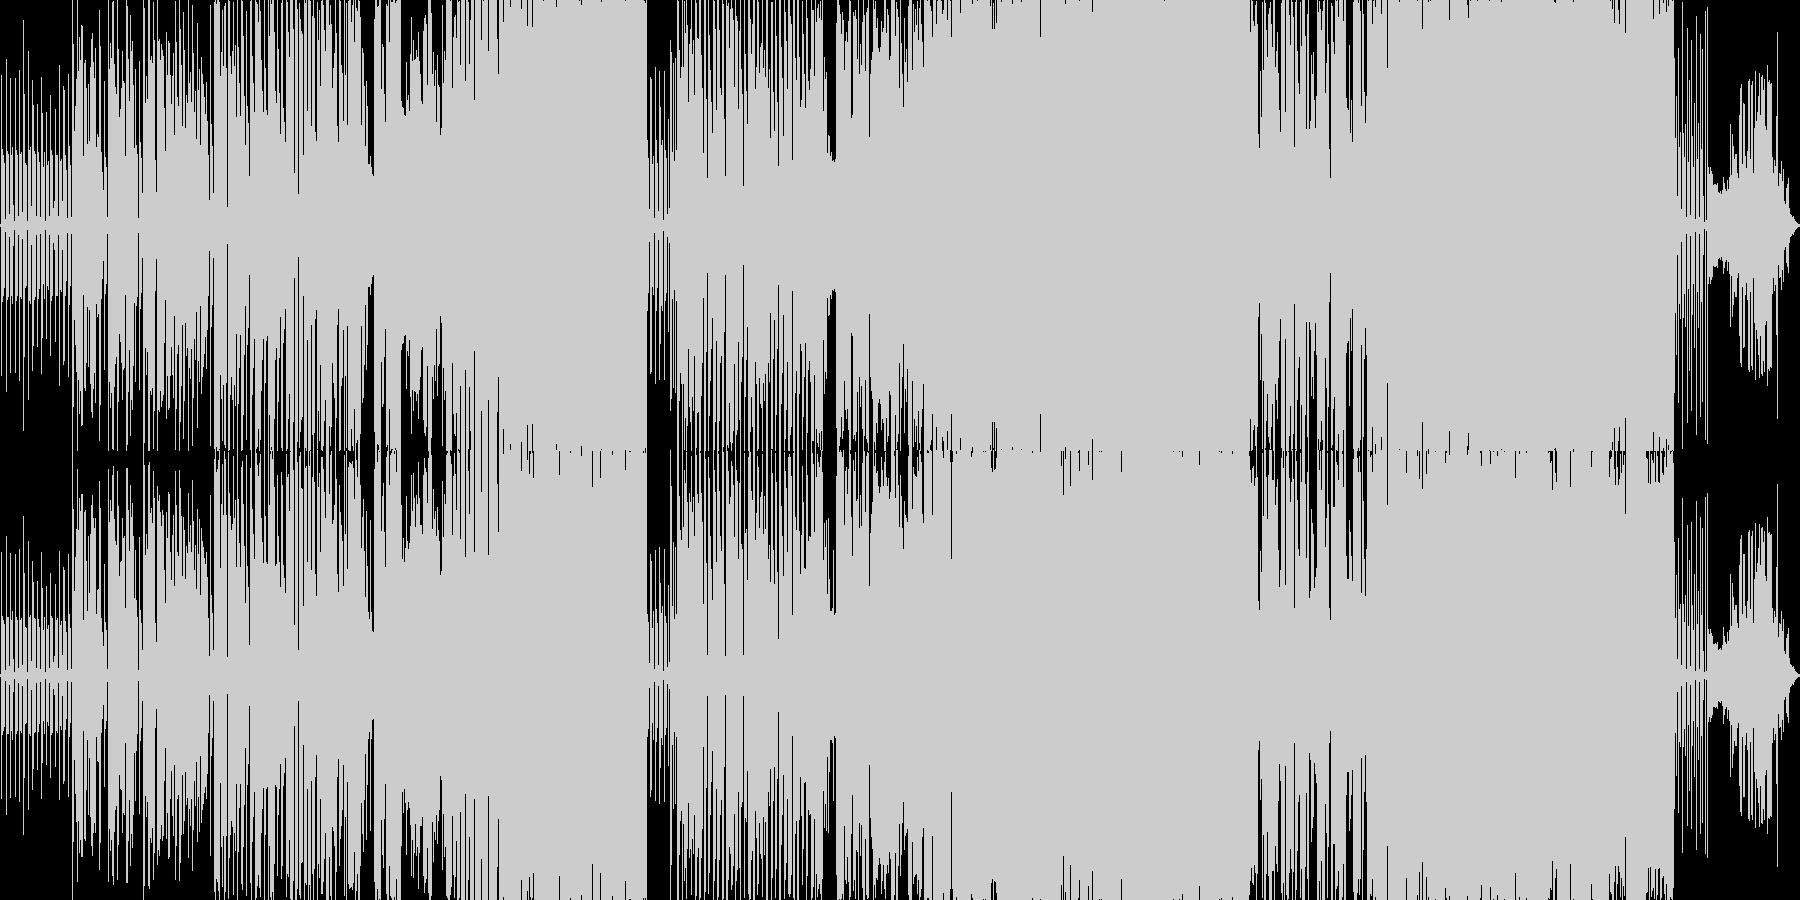 鬱々としたギターサウンドが特徴のバラードの未再生の波形